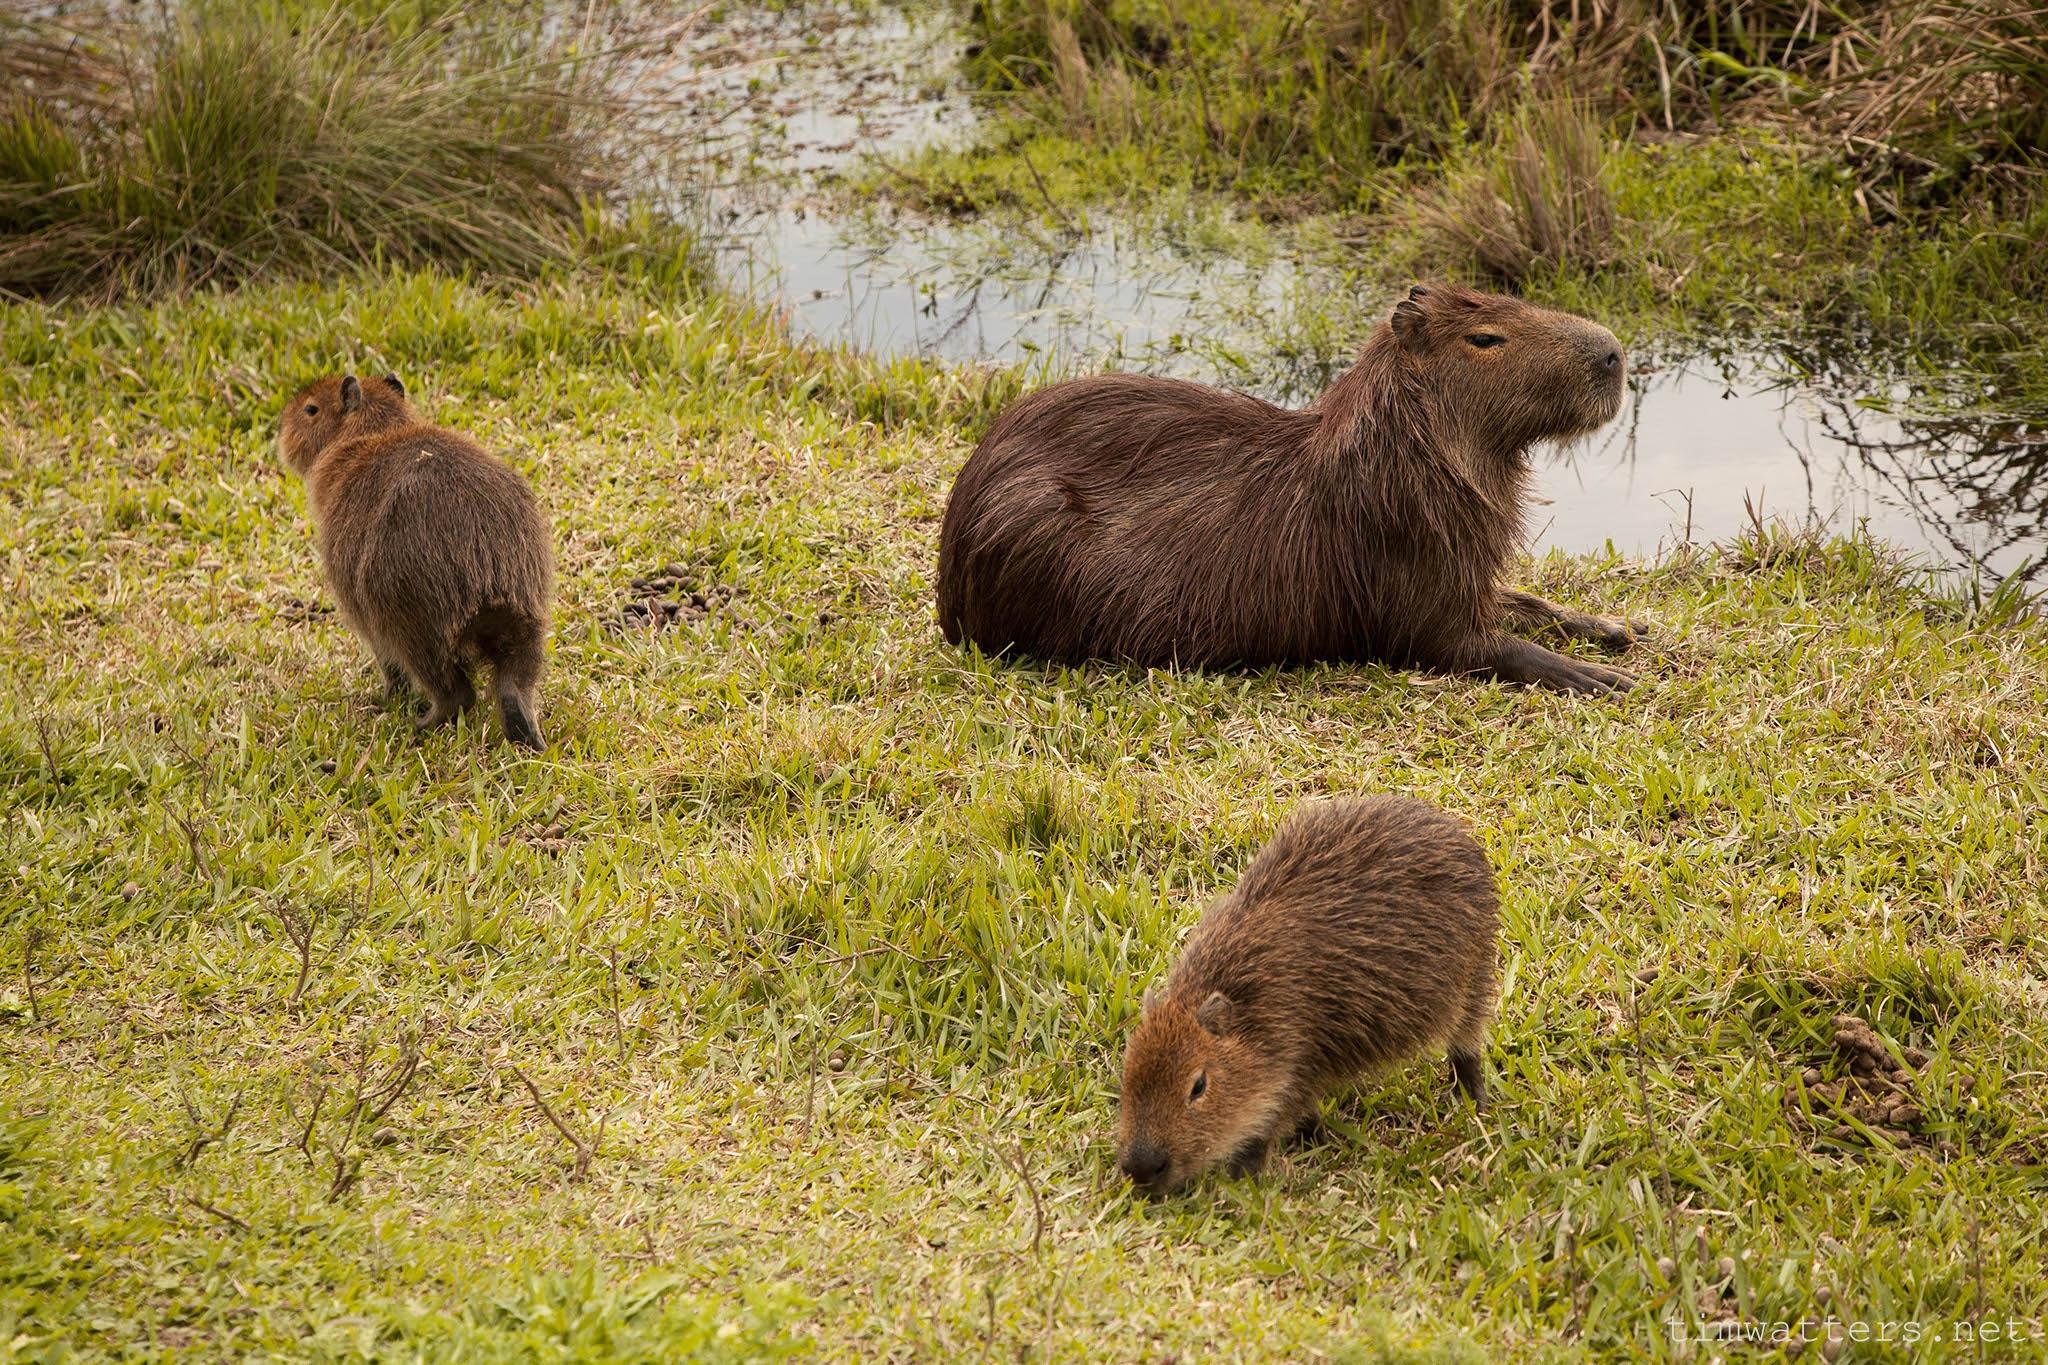 004-TimWatters-Ibera-Wildlife.jpg